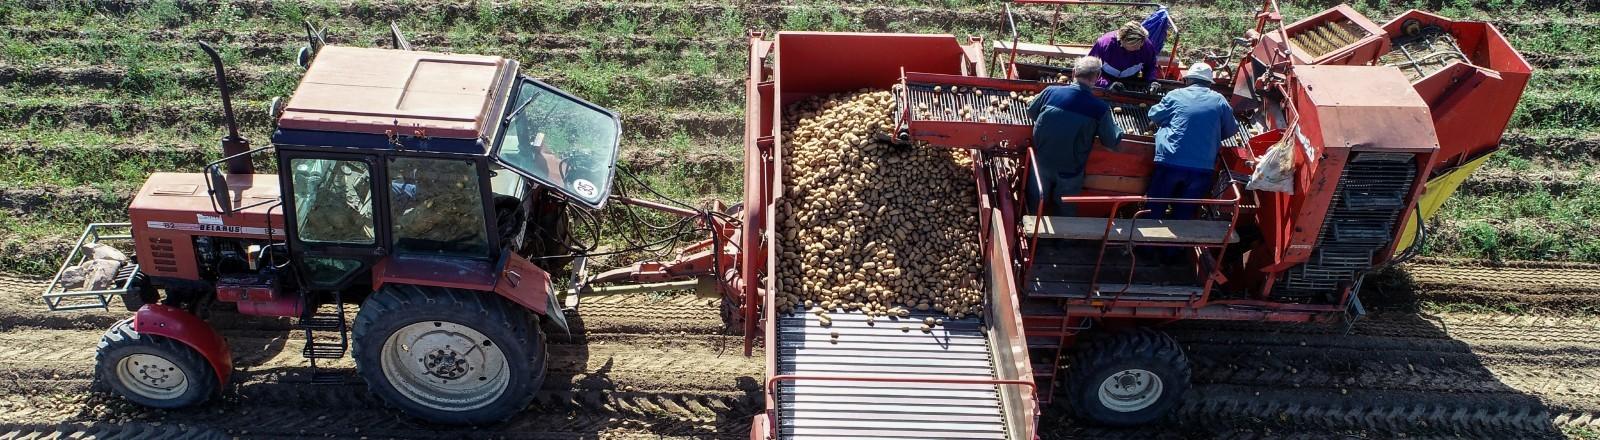 Ein Traktor und Bauern bei der Kartoffelernte